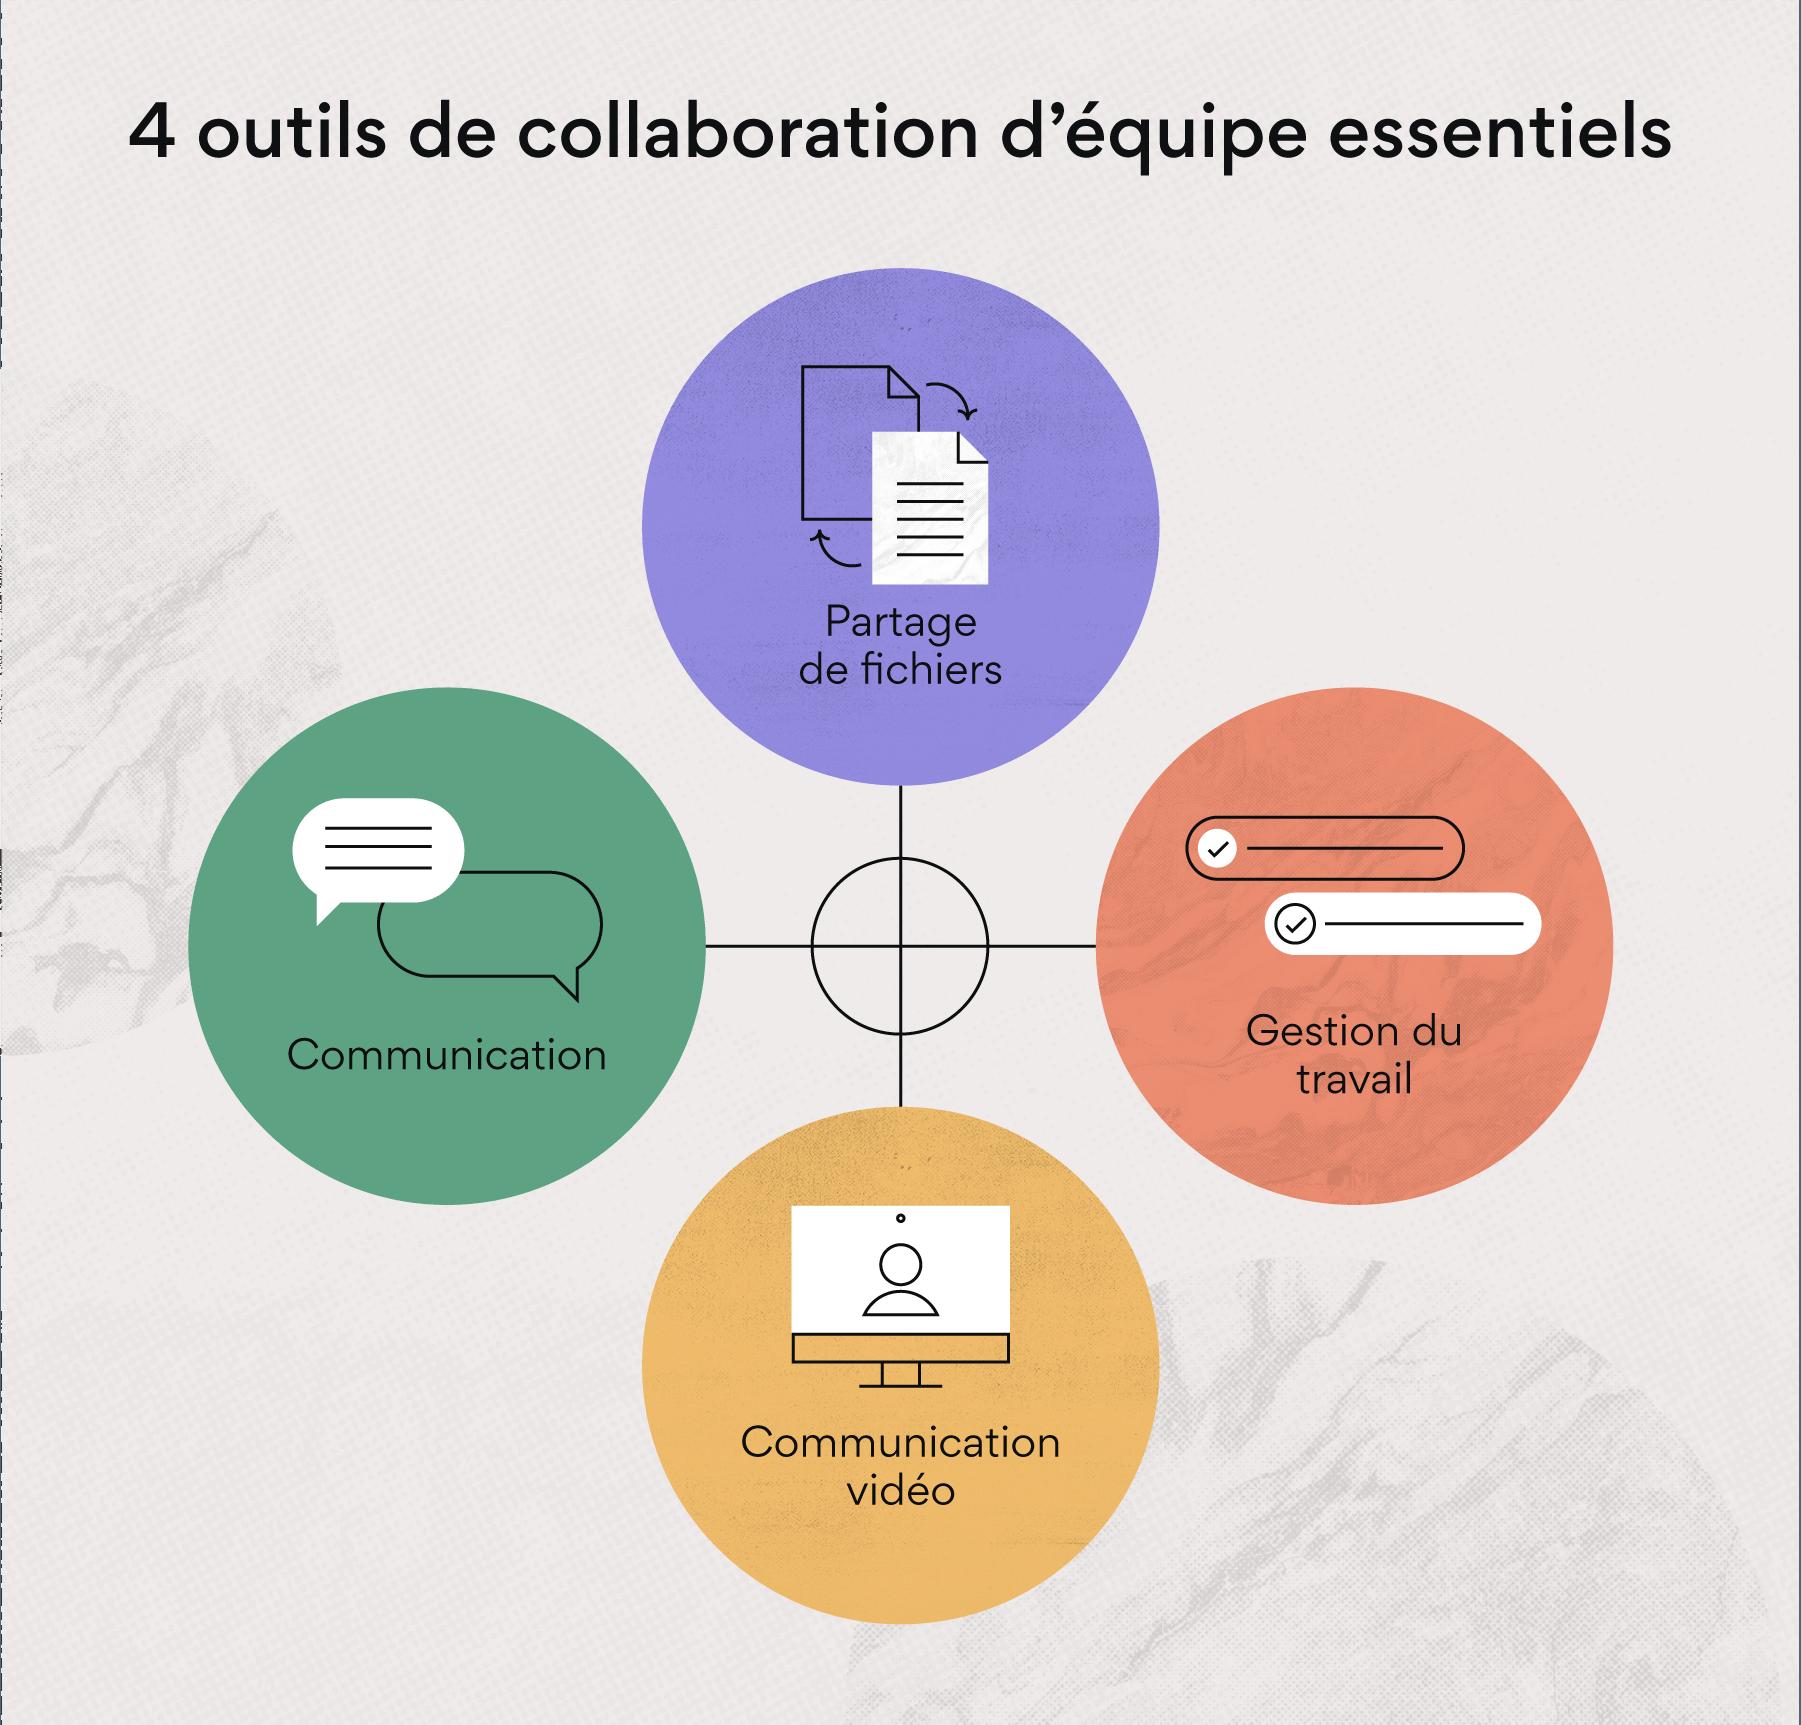 4outils de collaboration d'équipe